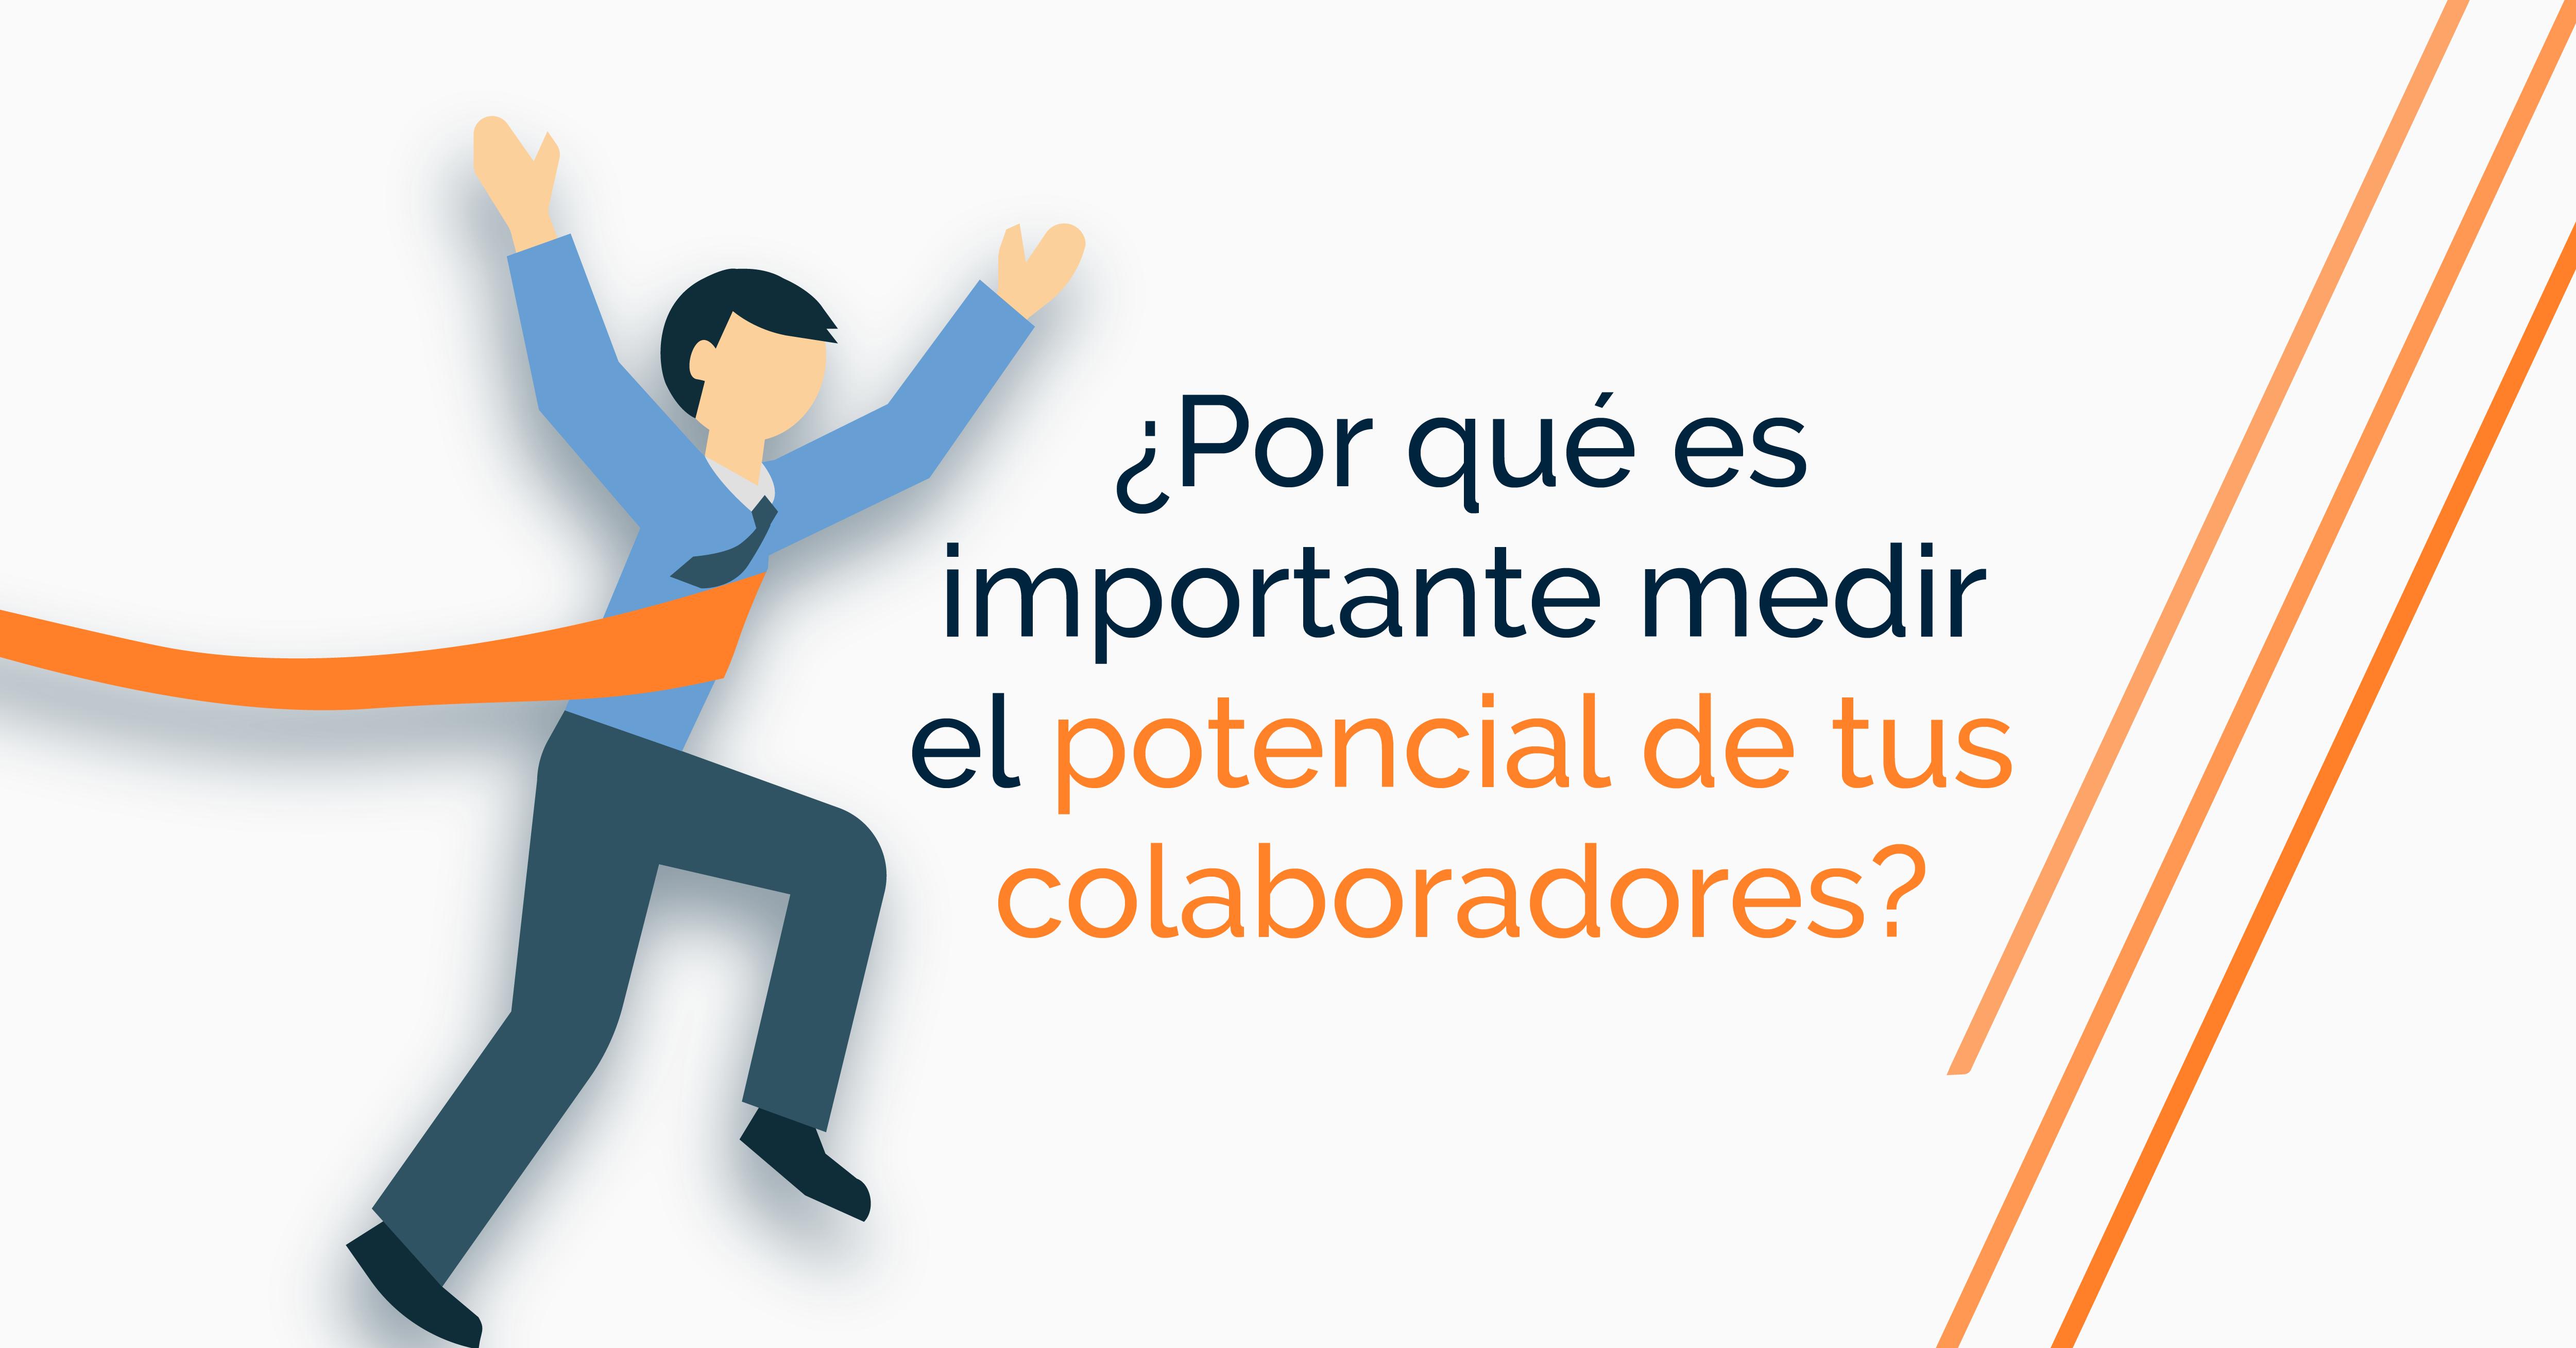 ¿Por qué es importante medir el potencial de los colaboradores?